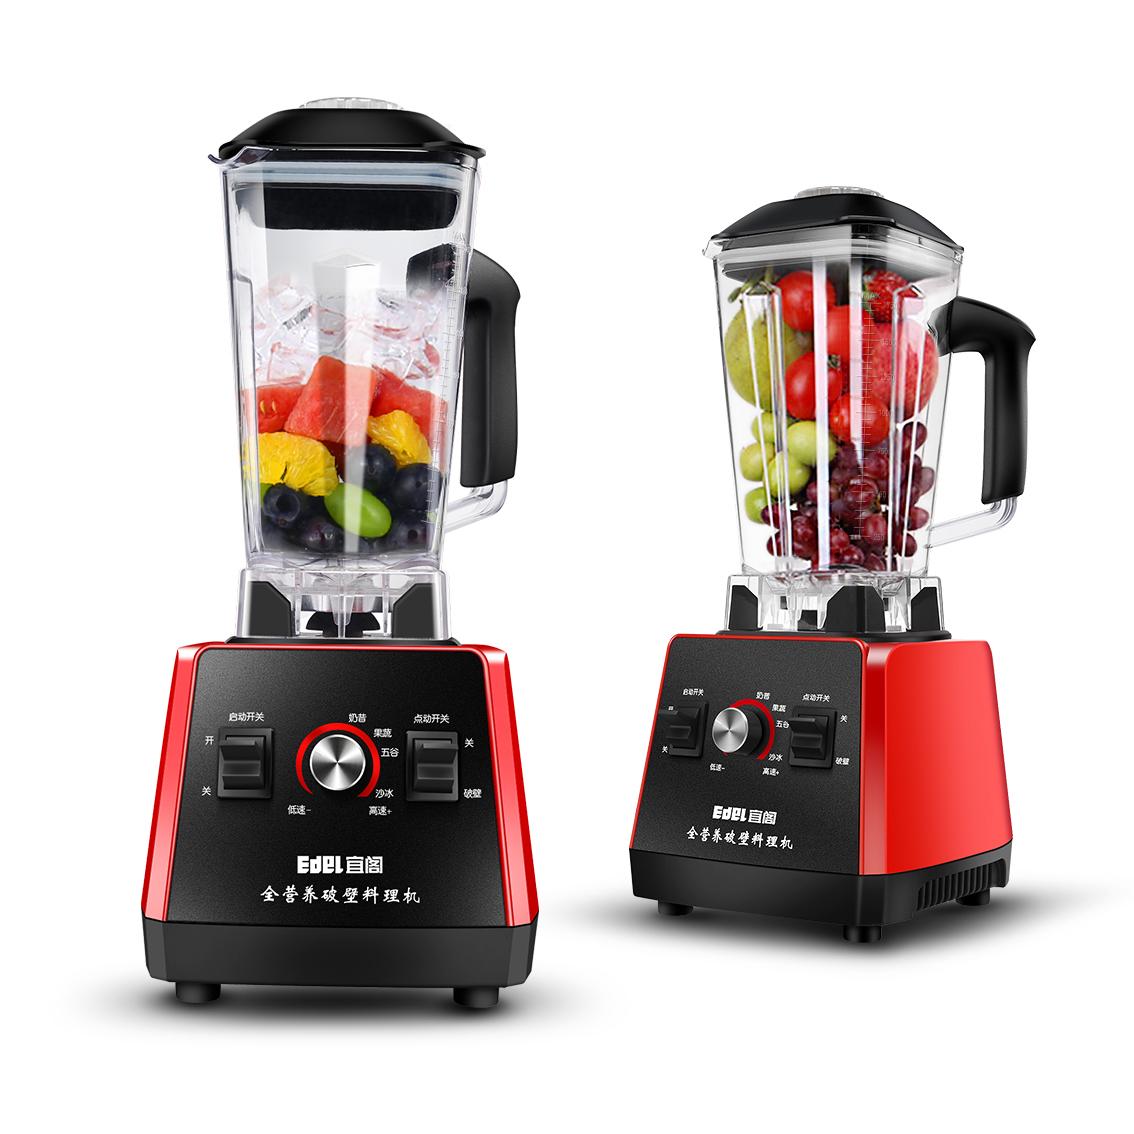 宜阁榨汁机家用小型水果多功能果蔬豆浆全自动炸果汁机破壁料理机